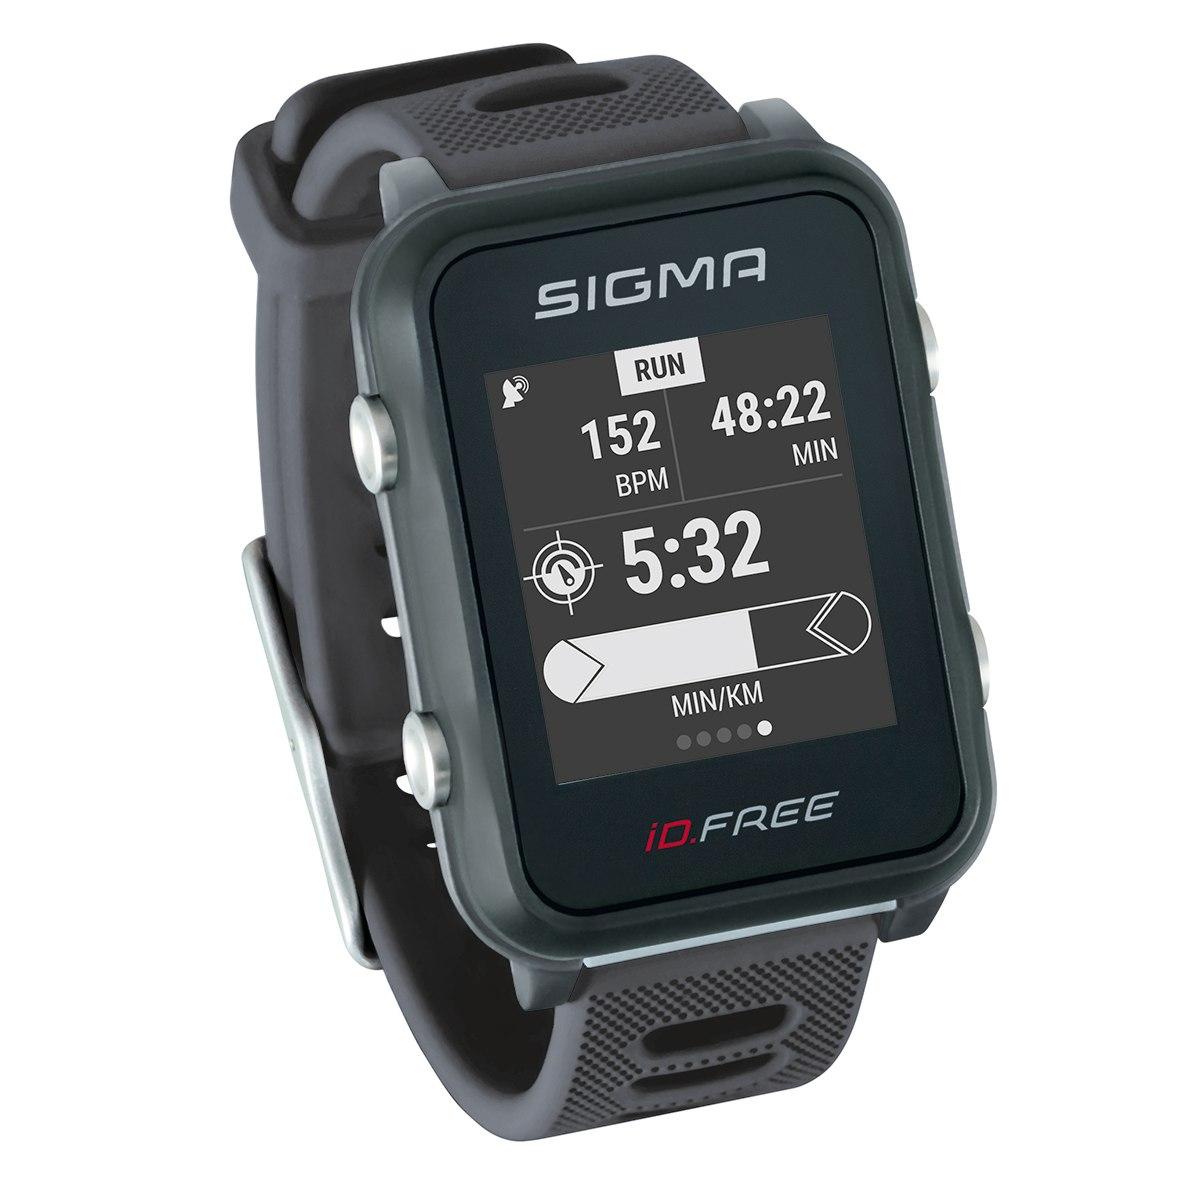 Produktbild von Sigma Sport iD.FREE Multisportuhr - grey